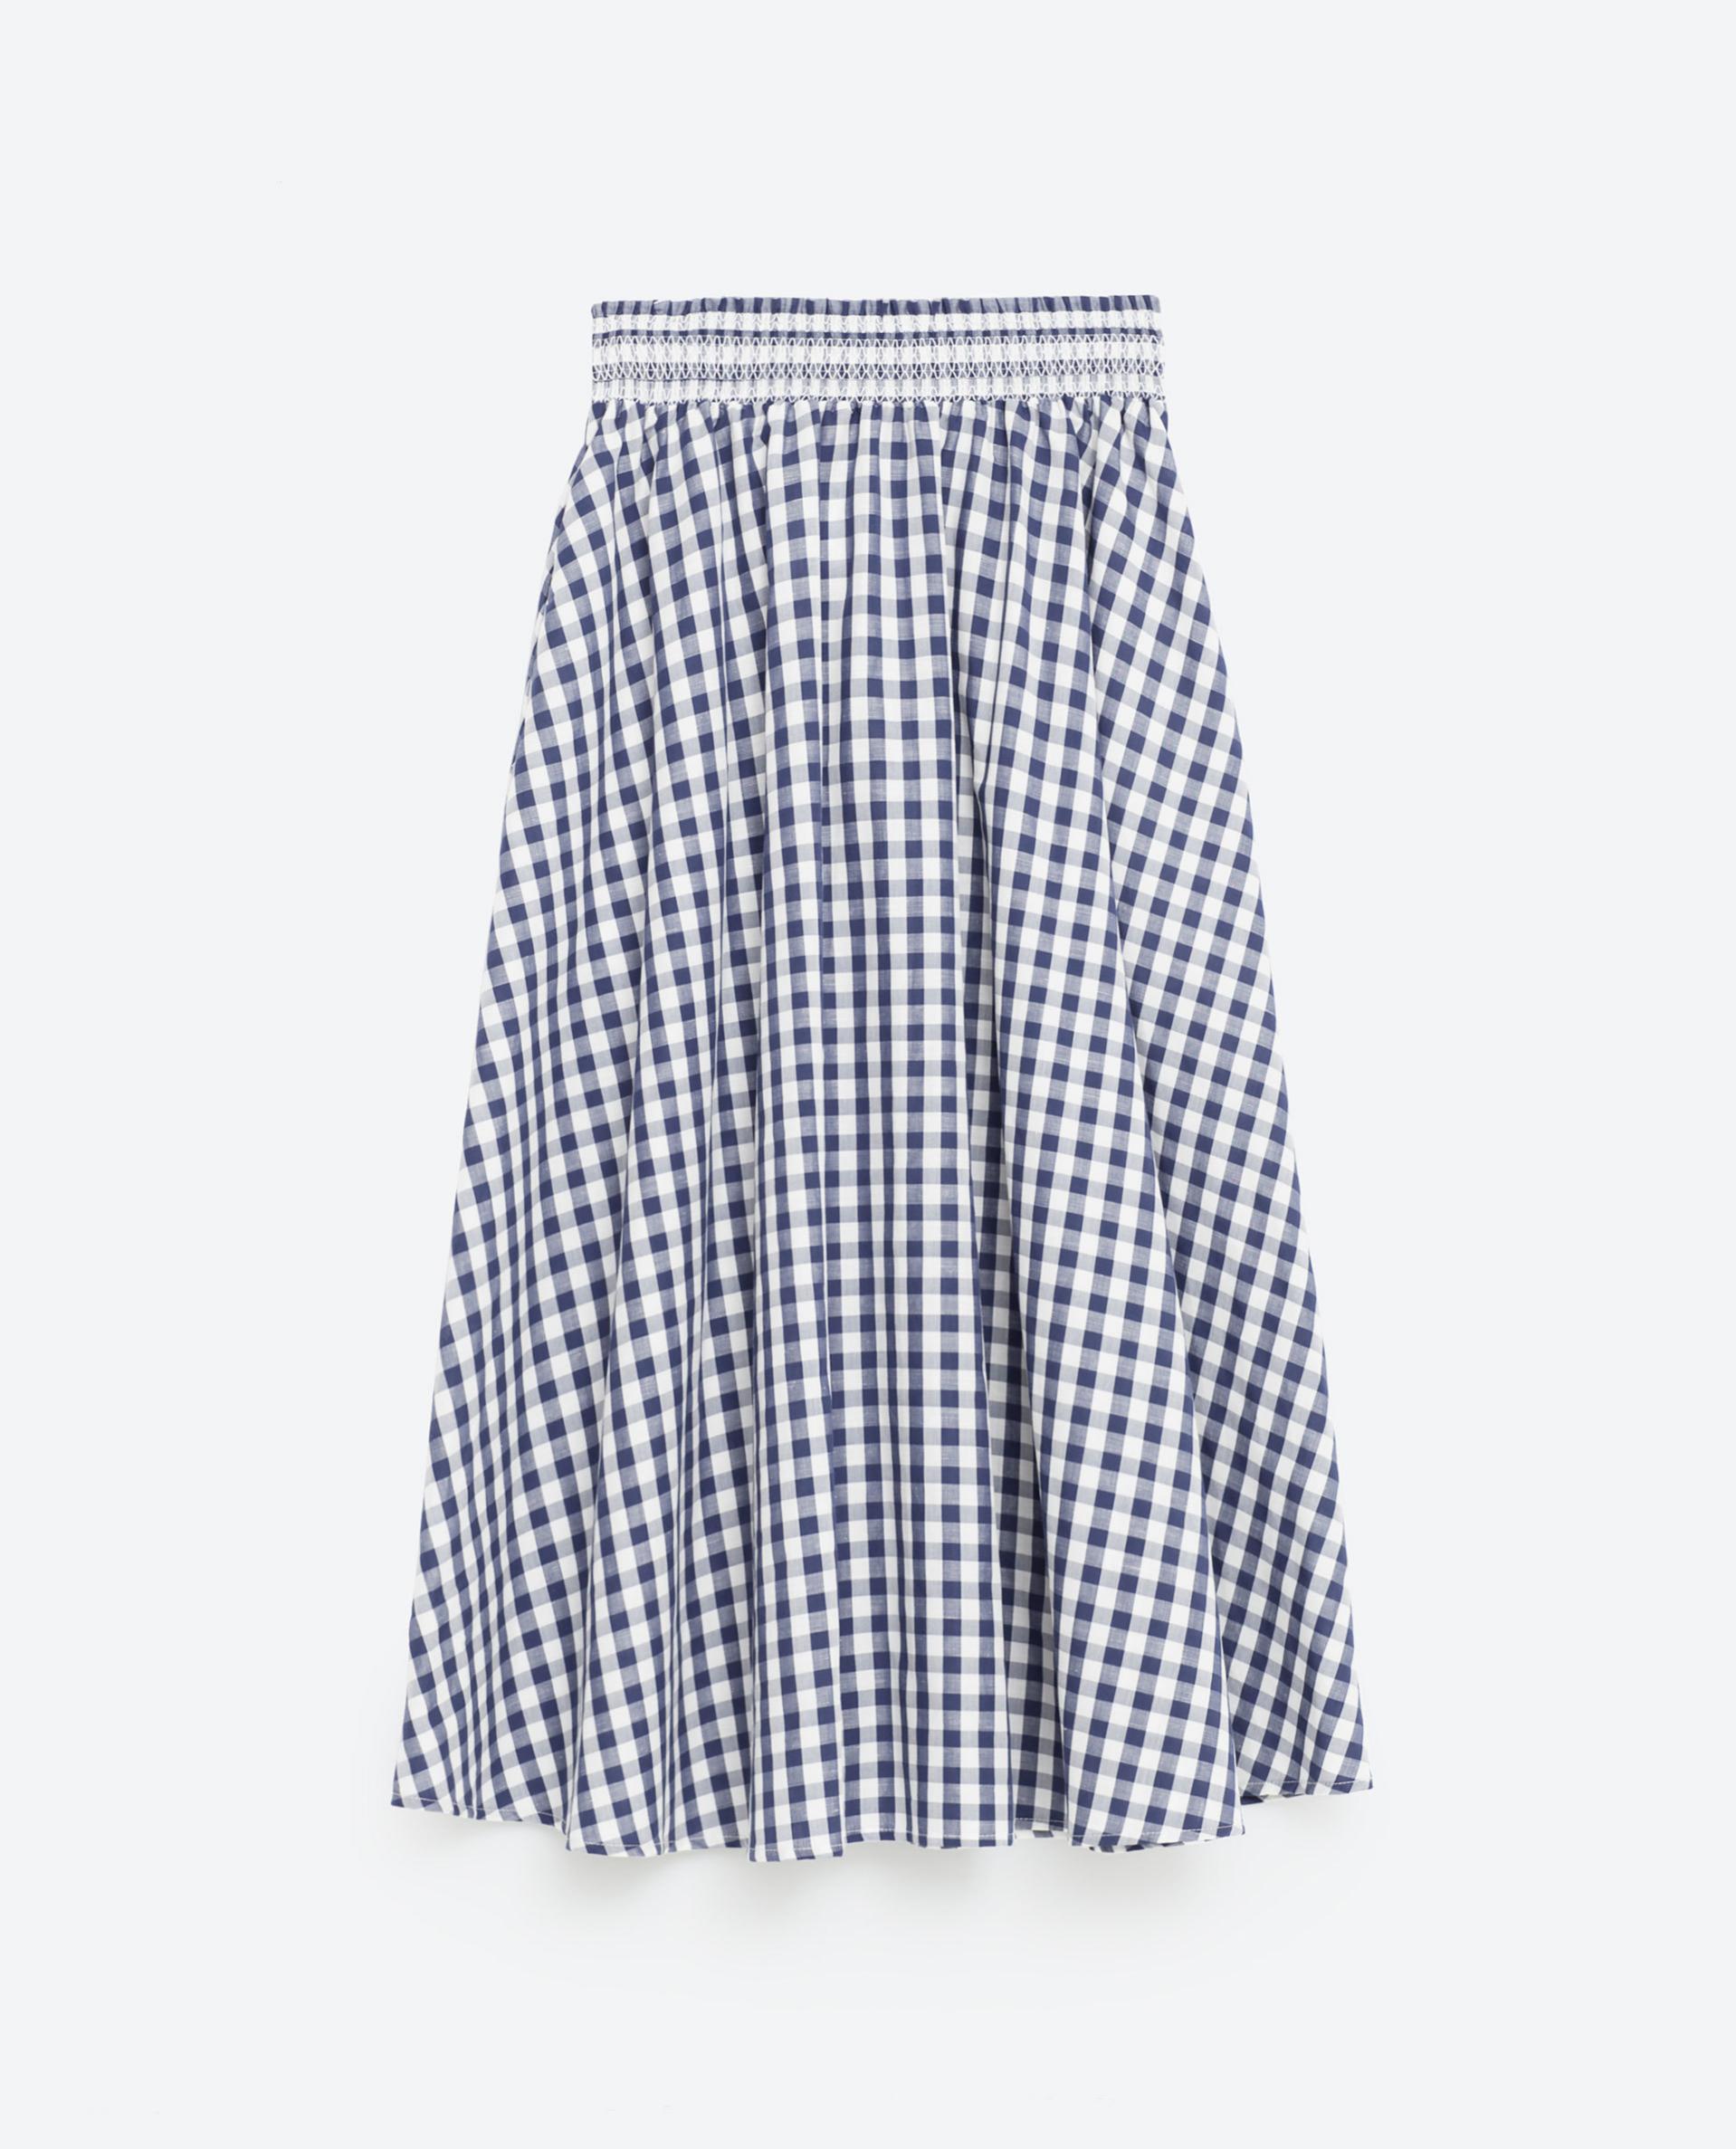 Falda de cuadros. De Zara, 29,95 euros.